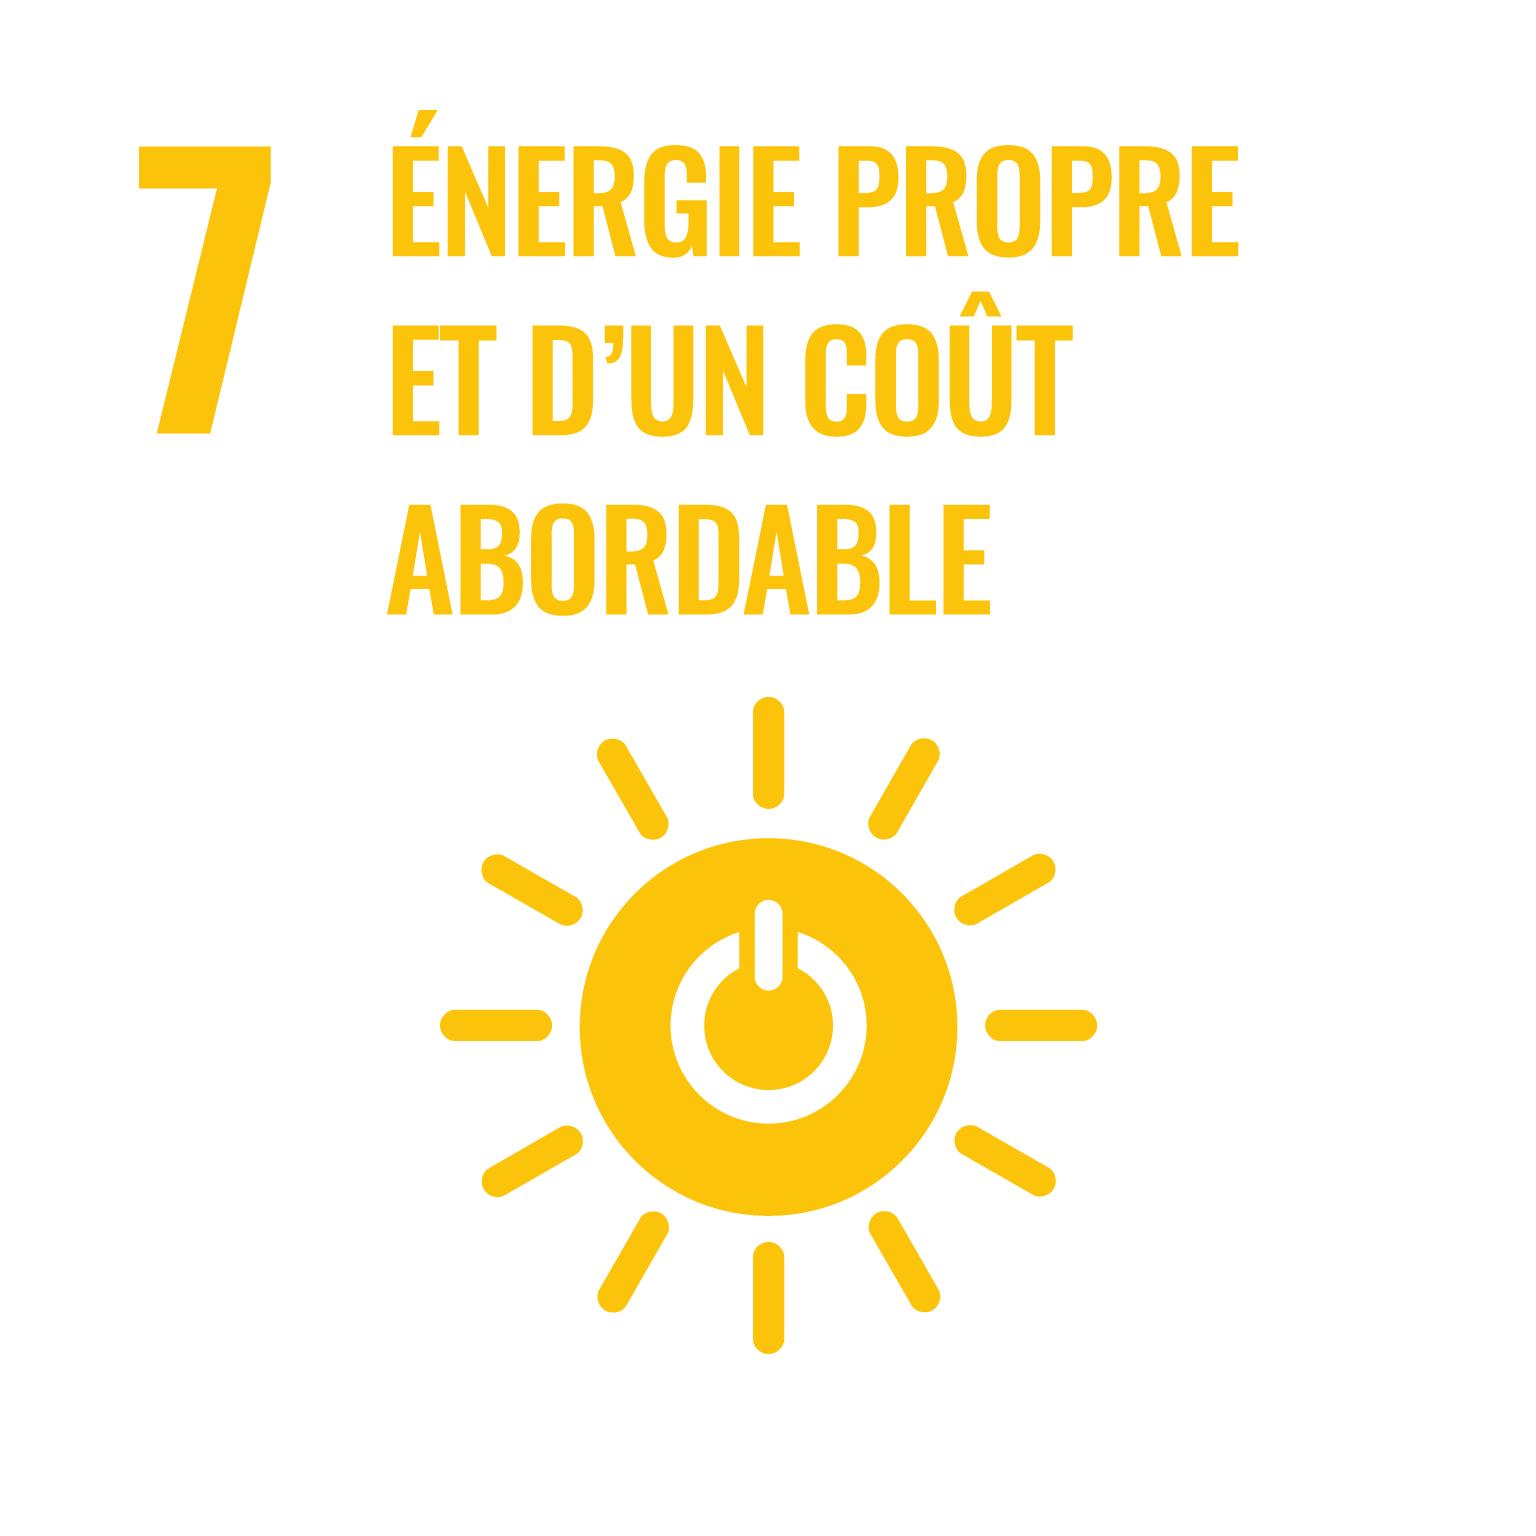 énergie propre et d'un coût abordable.